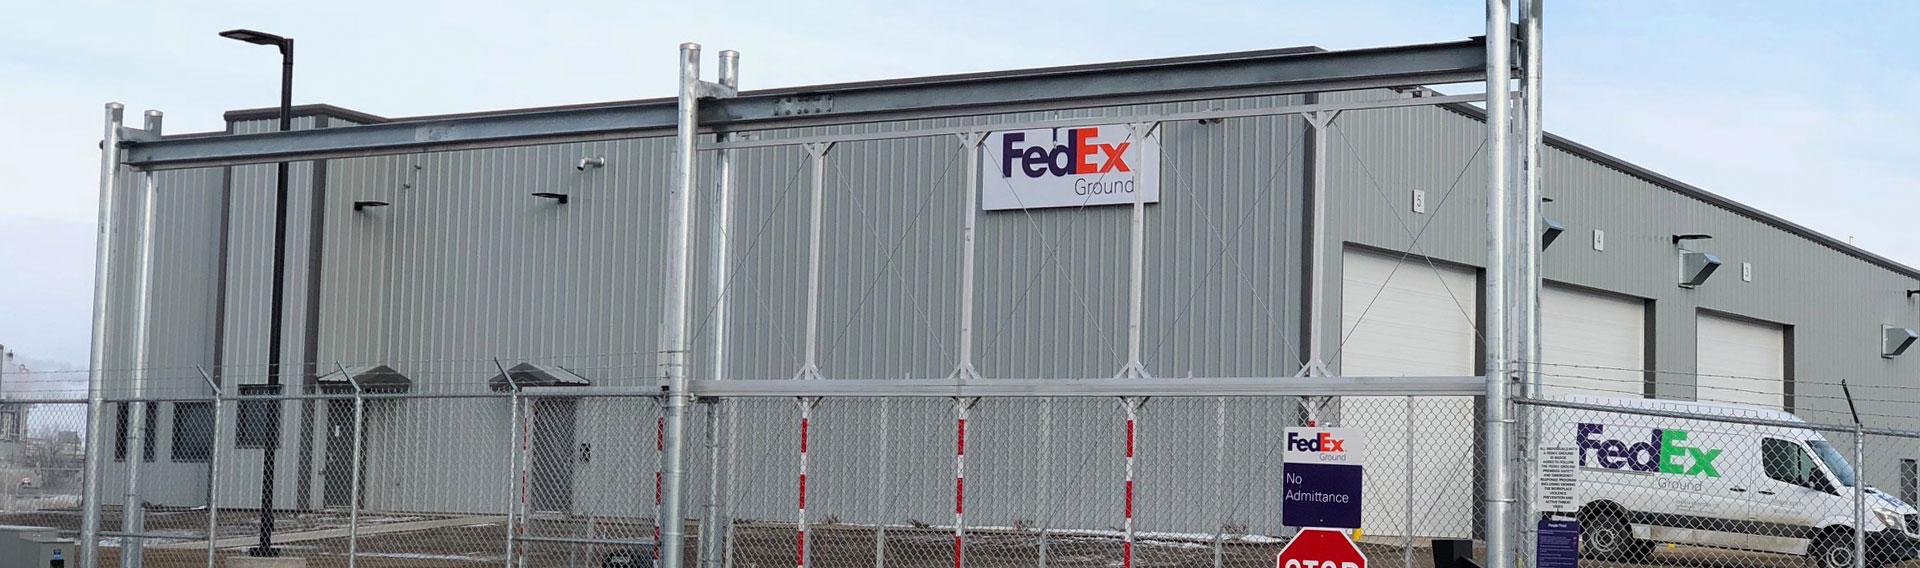 FedEx Ground Brandon MB Crane Steel